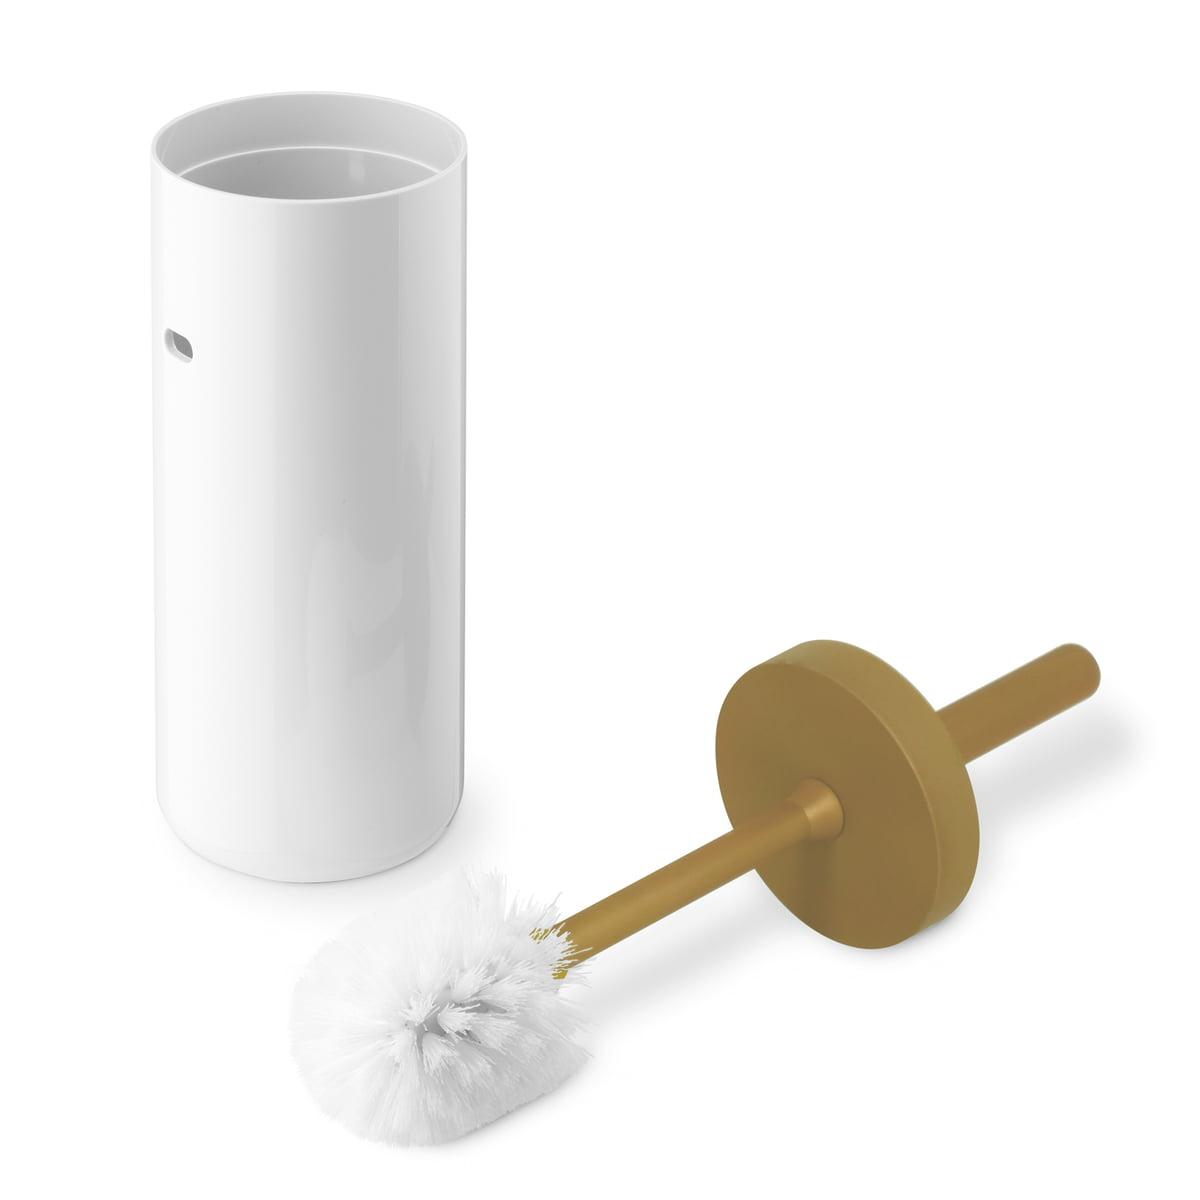 Lunar WC-Bürste gold